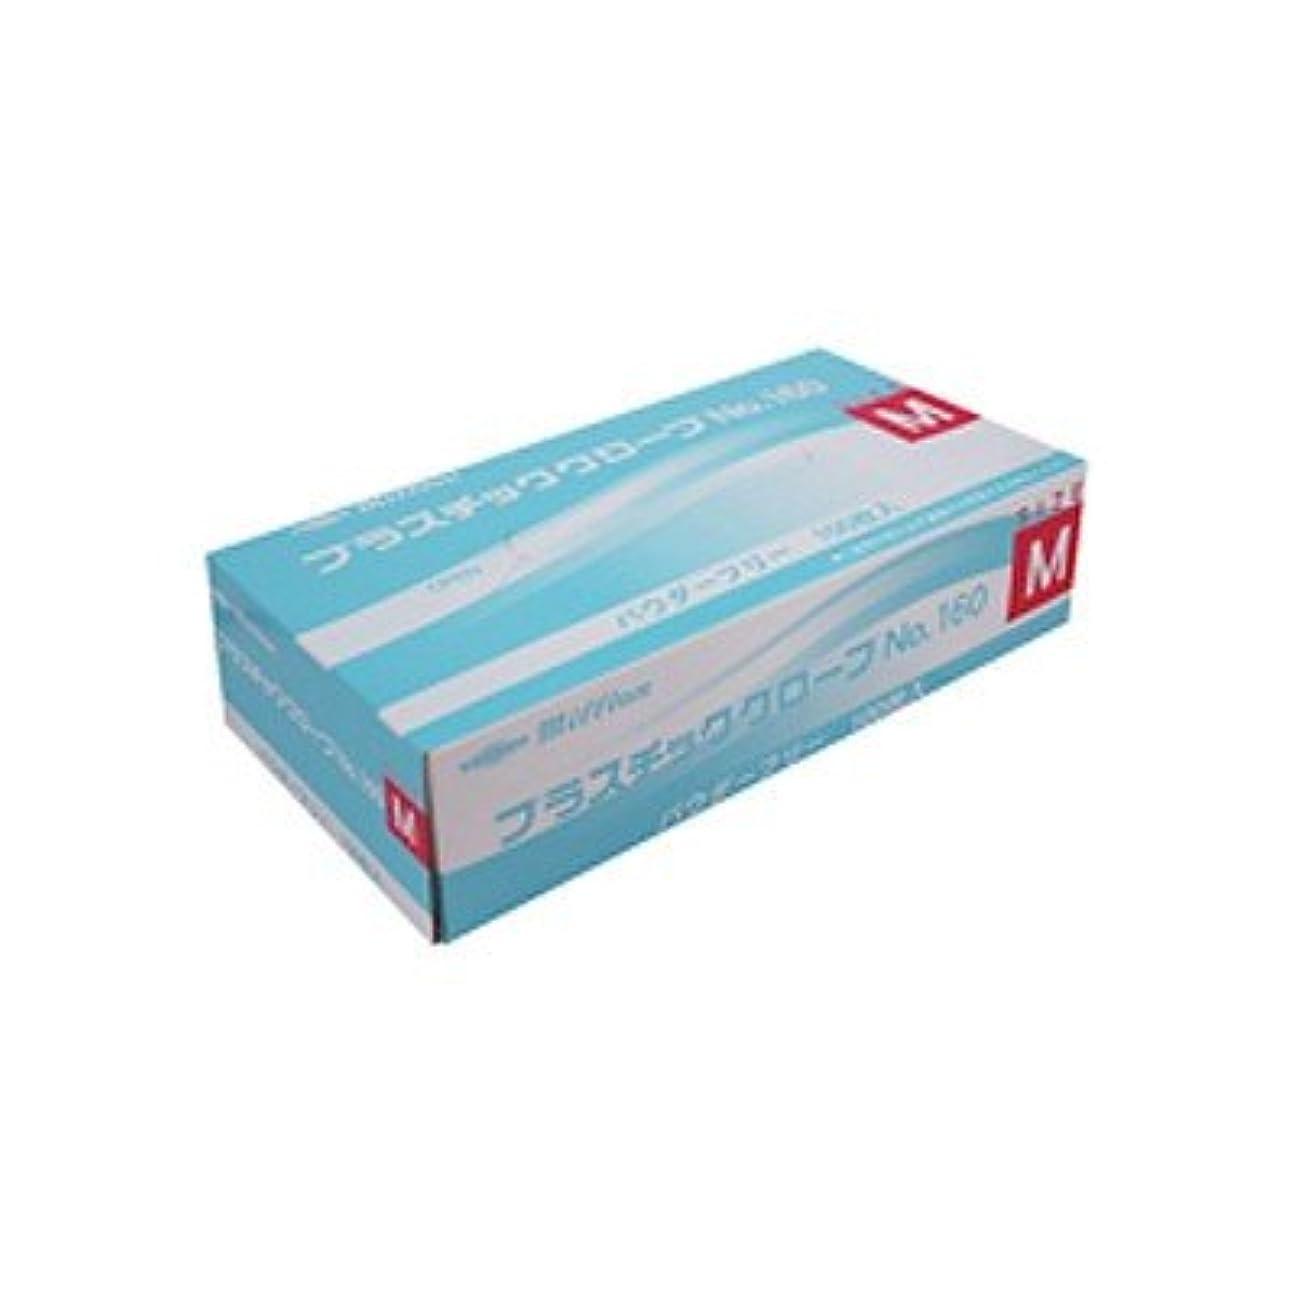 音楽を聴く役立つ締めるミリオン プラスチック手袋 粉無 No.160 M 品番:LH-160-M 注文番号:62741606 メーカー:共和